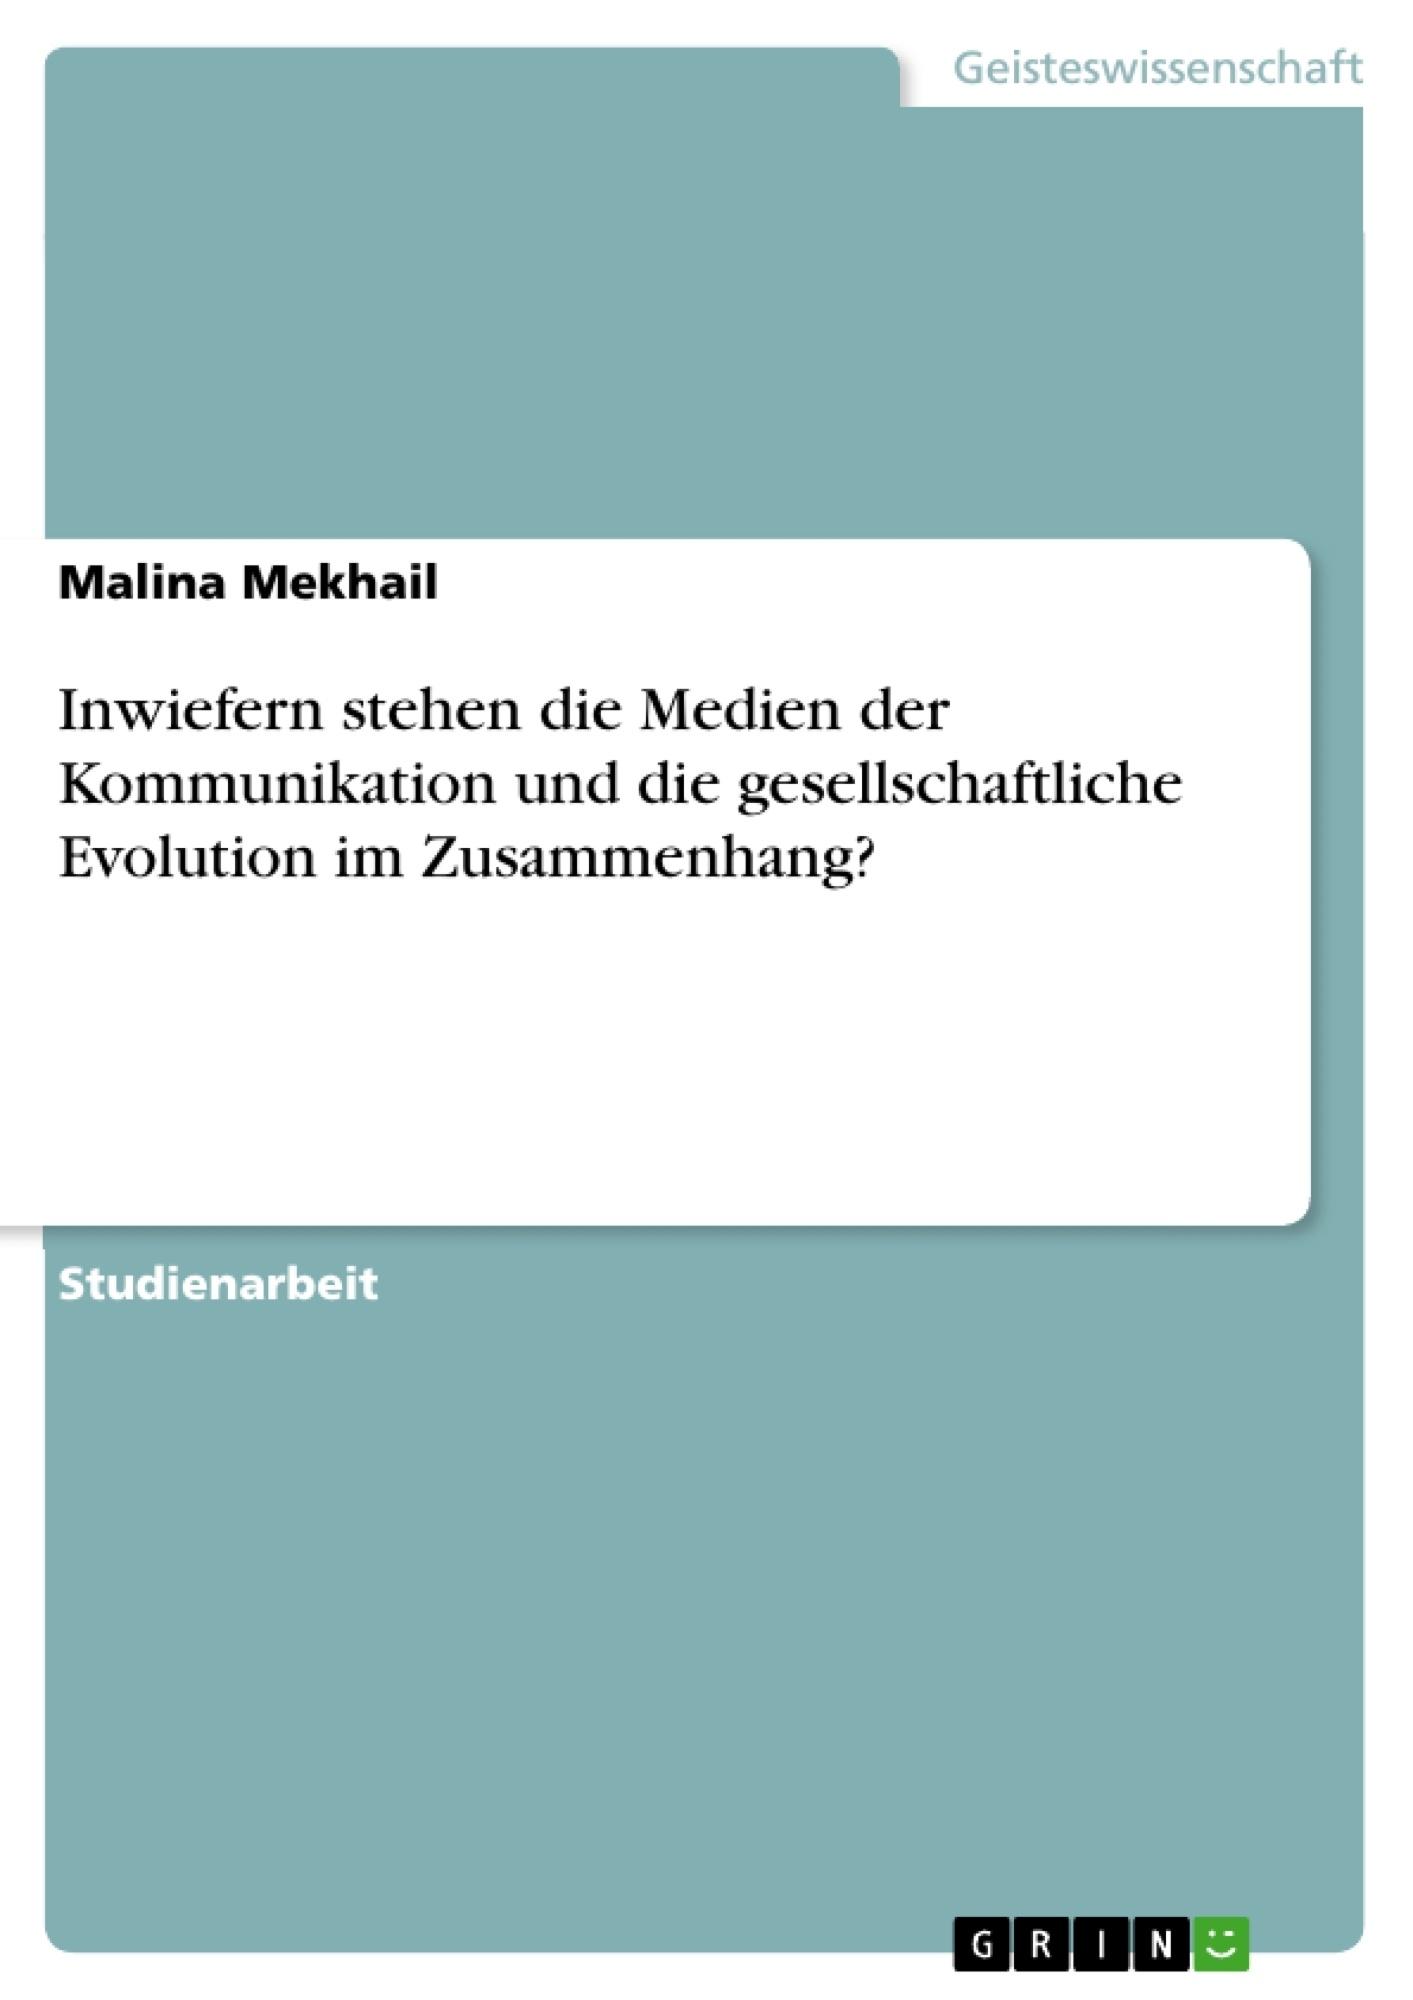 Titel: Inwiefern stehen die Medien der Kommunikation und die gesellschaftliche Evolution im Zusammenhang?